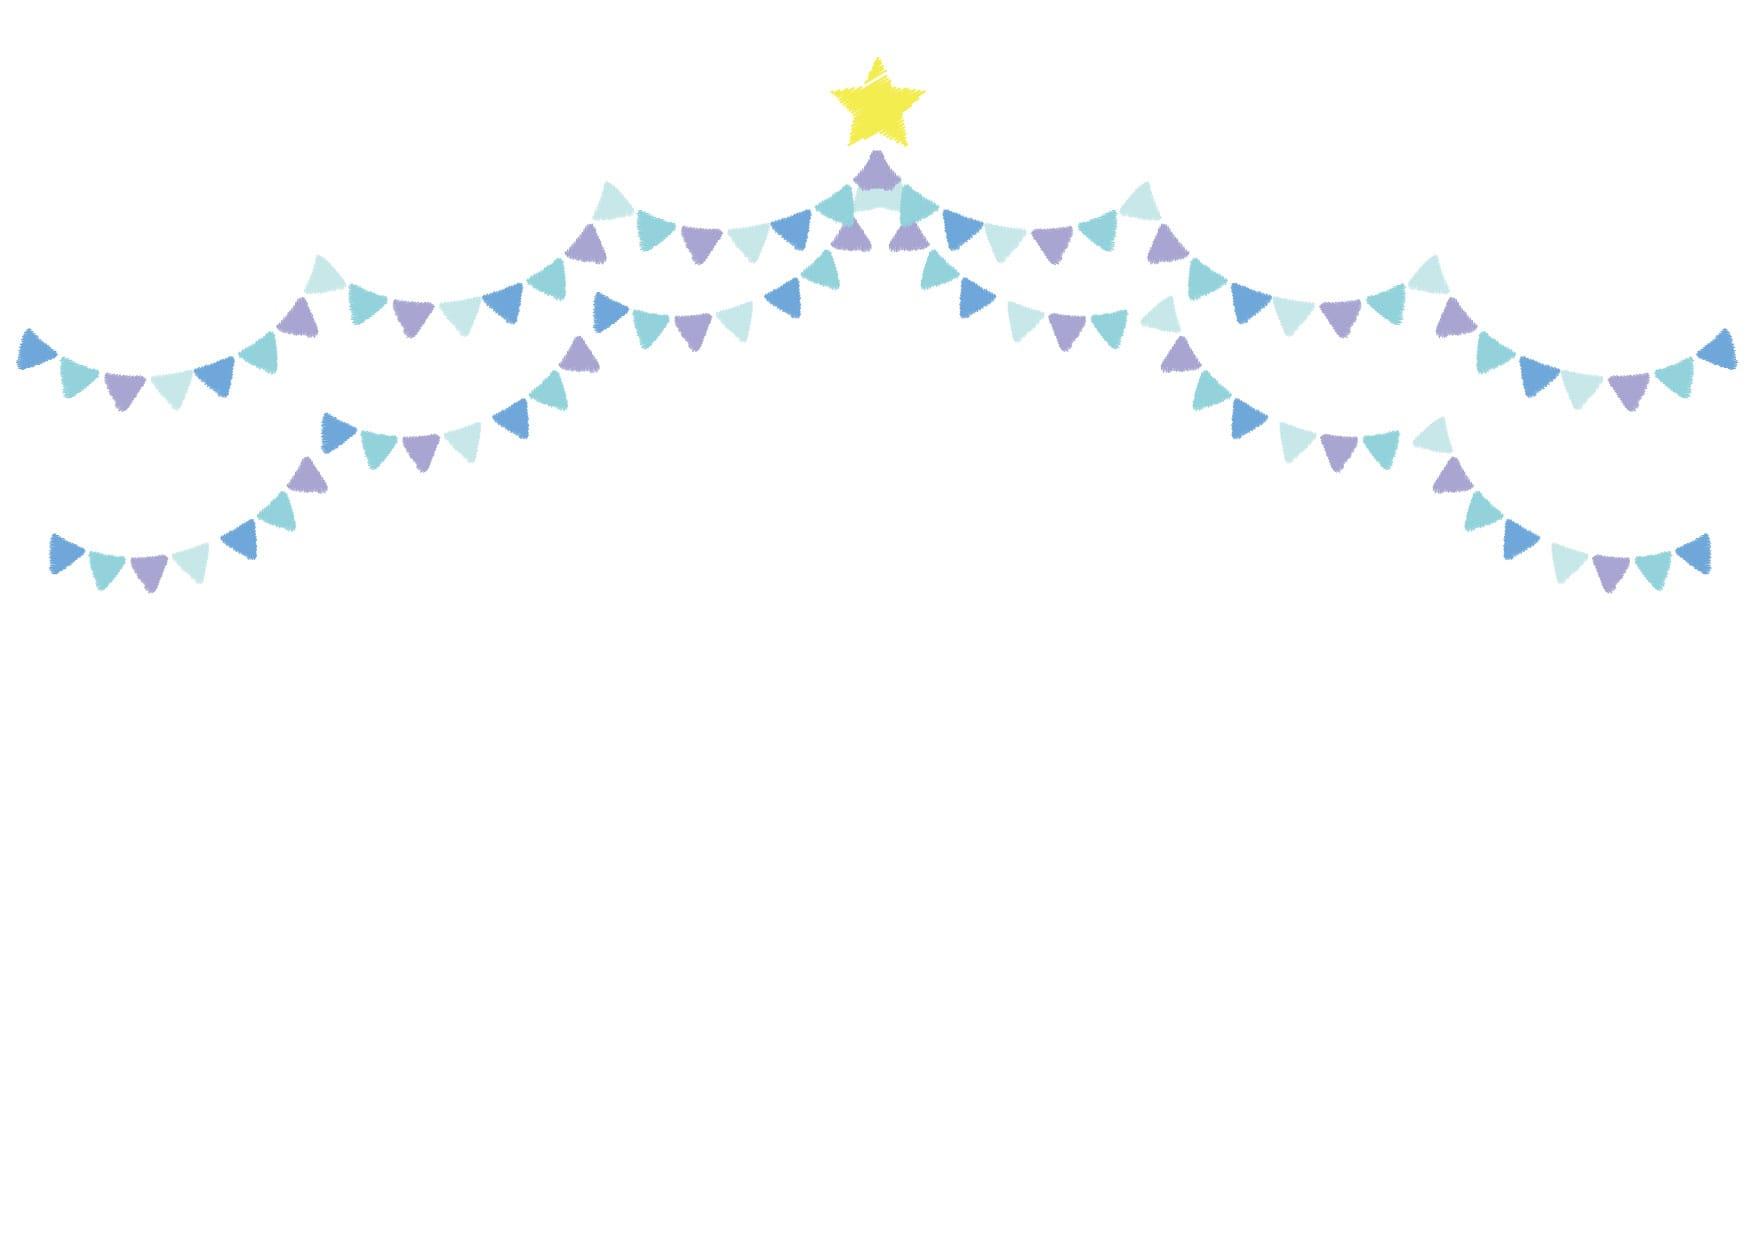 可愛いイラスト無料|フラッグ 青色 背景 − free illustration  Flag blue background